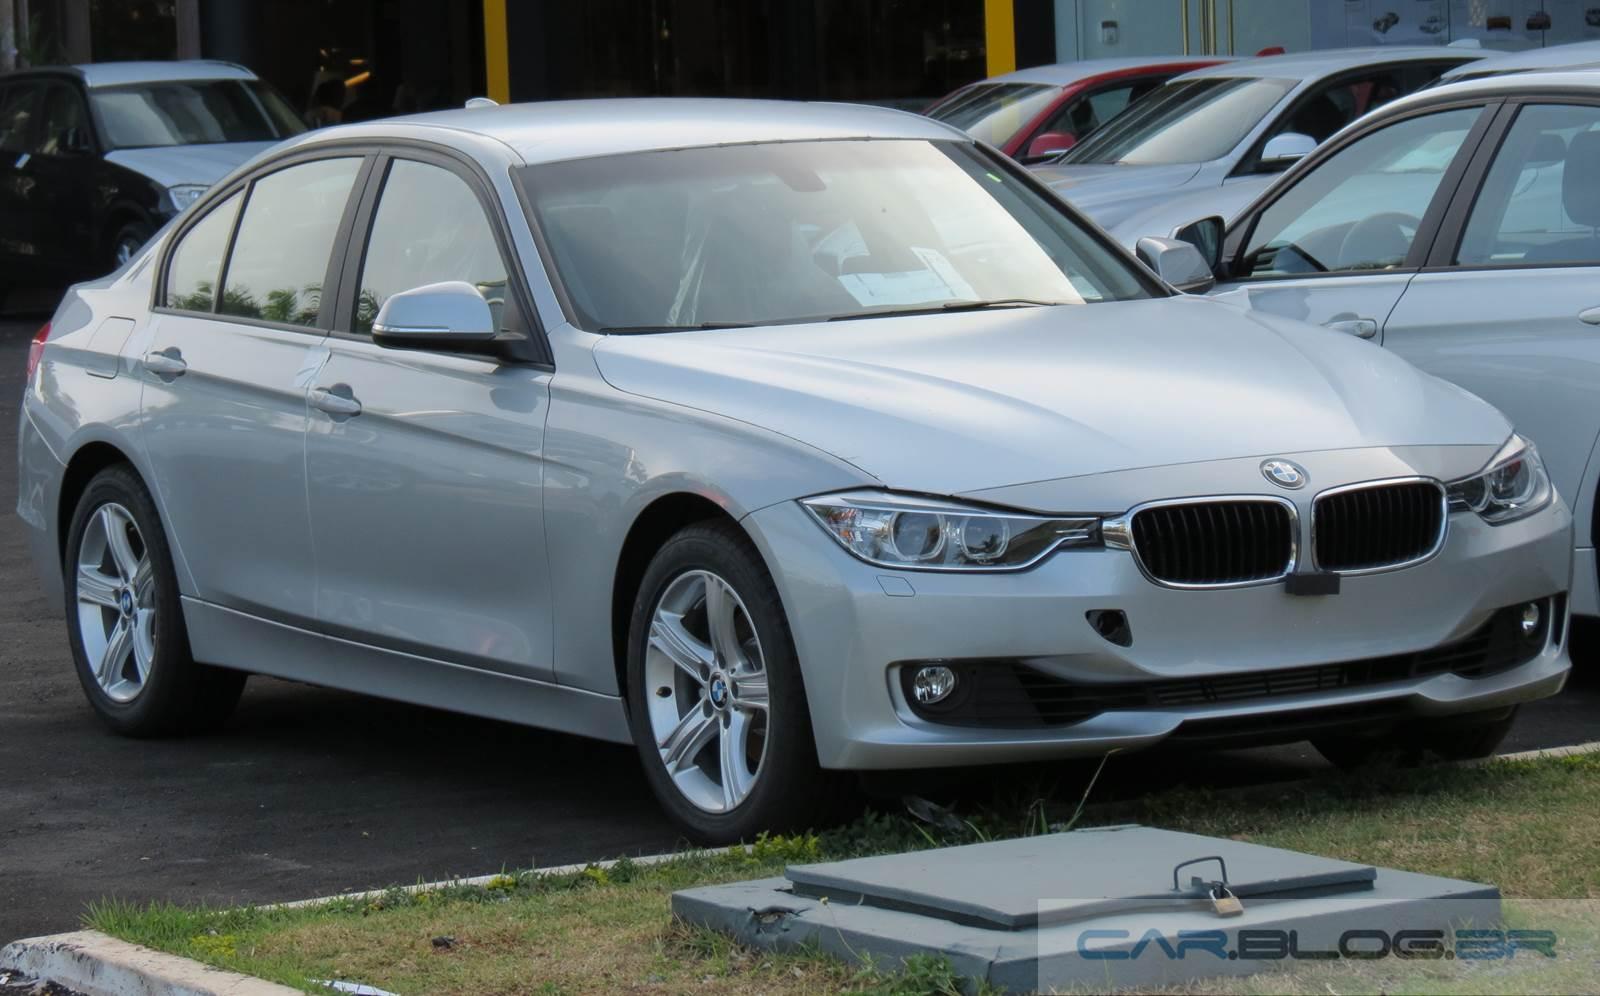 BMW Série 5 - pneu run flat